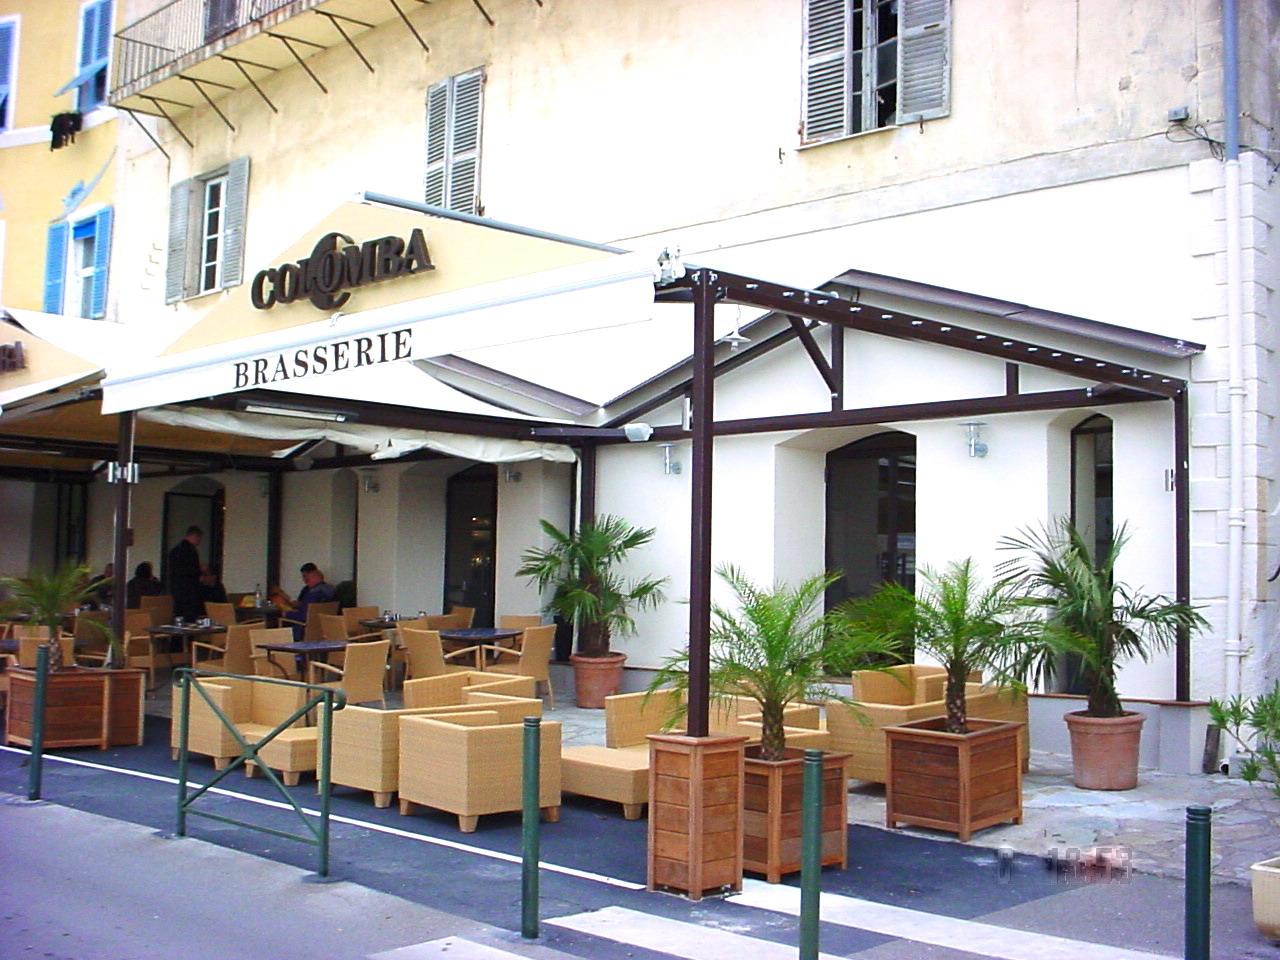 Restaurant Le Colomba - Bastia